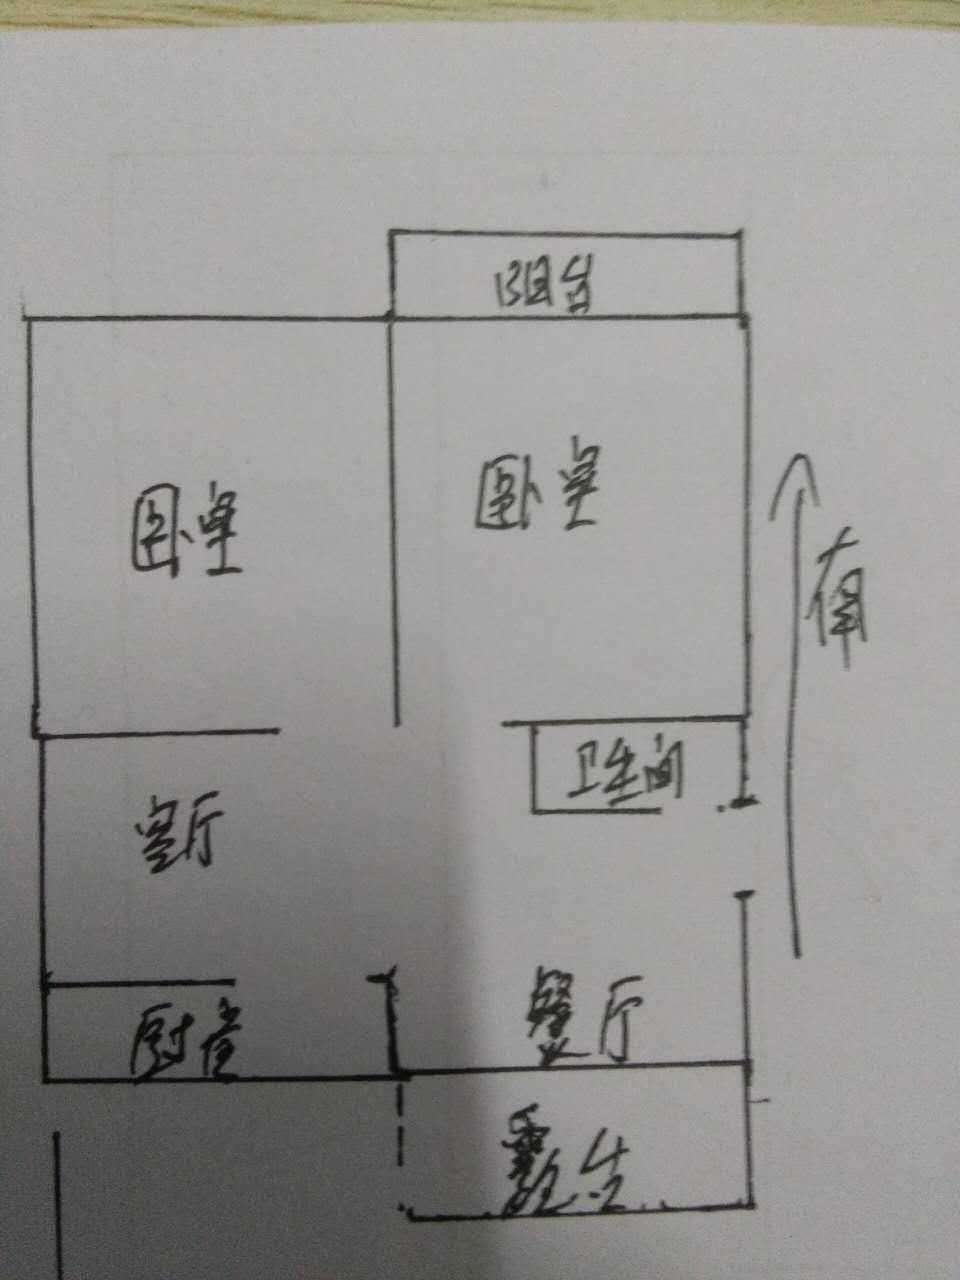 华宇国际公寓 2室2厅 双证齐全 简装 48万